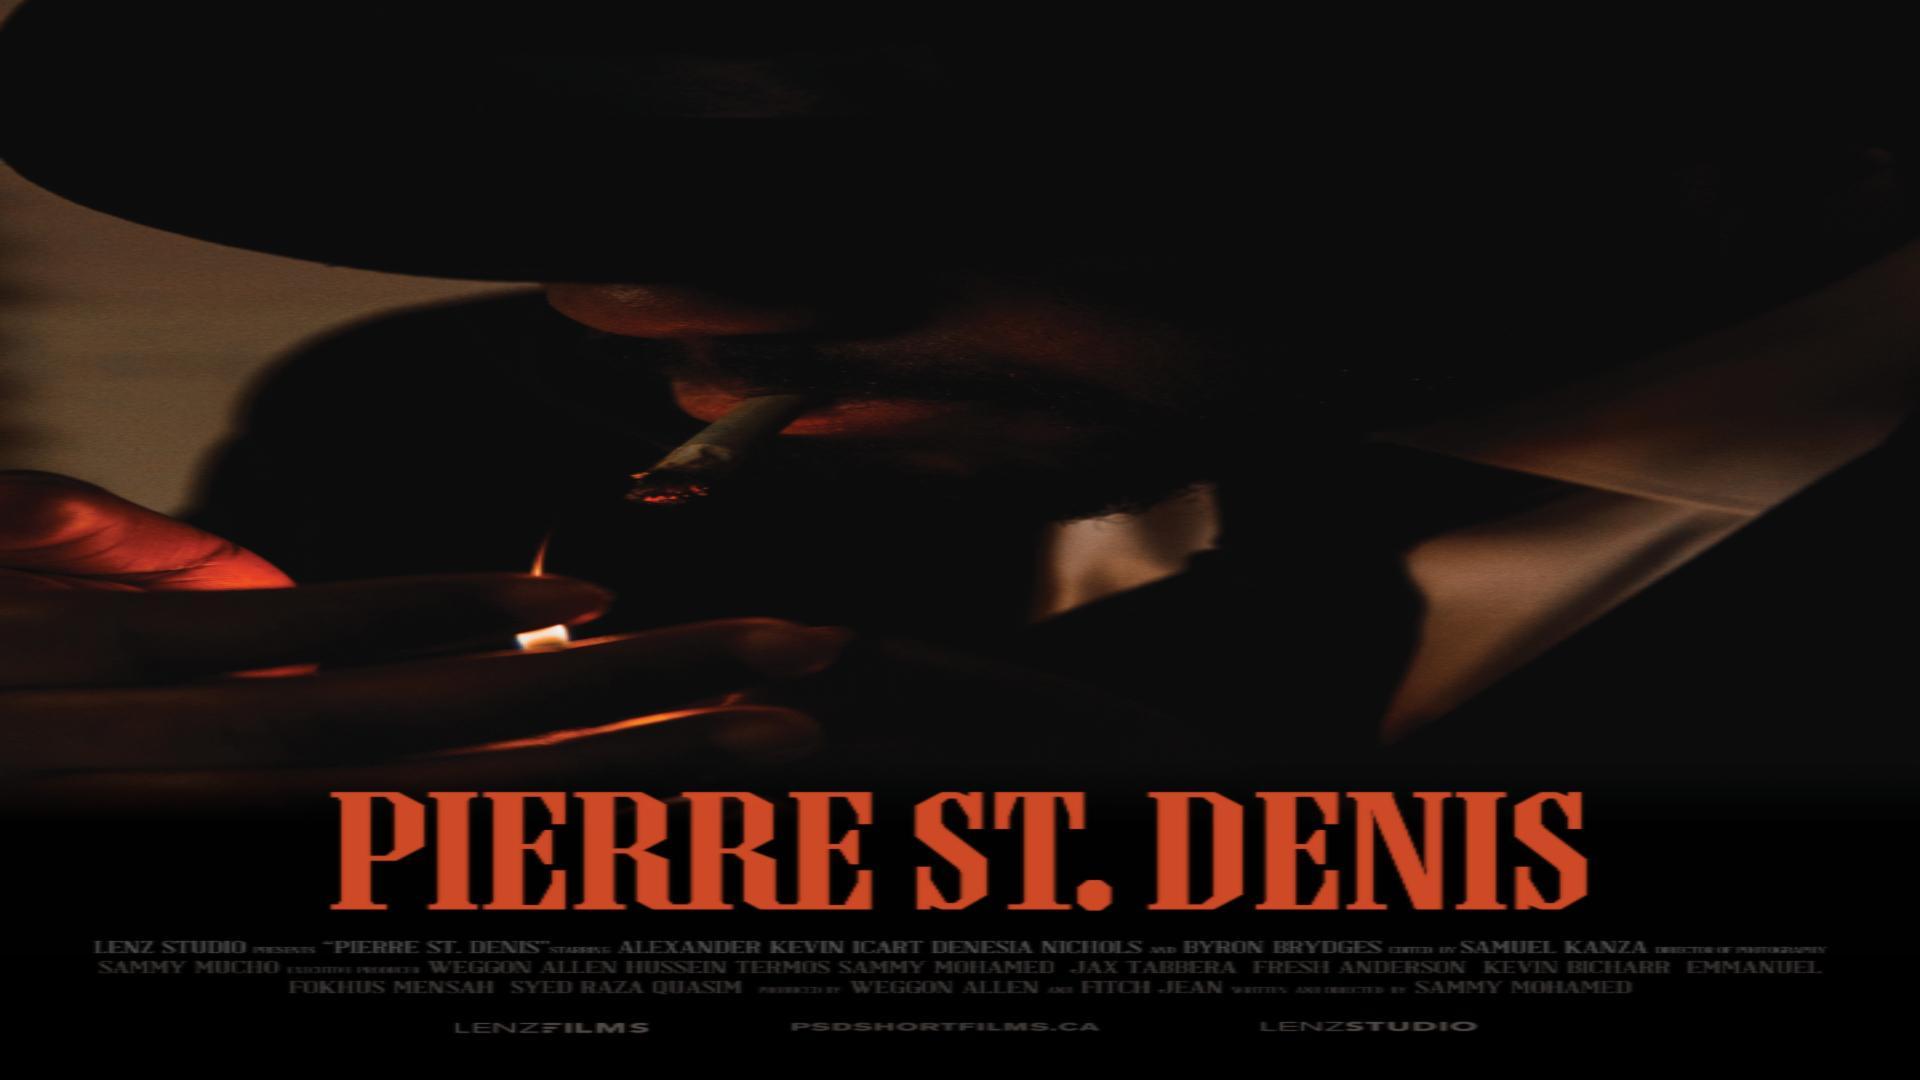 Pierre St. Denis